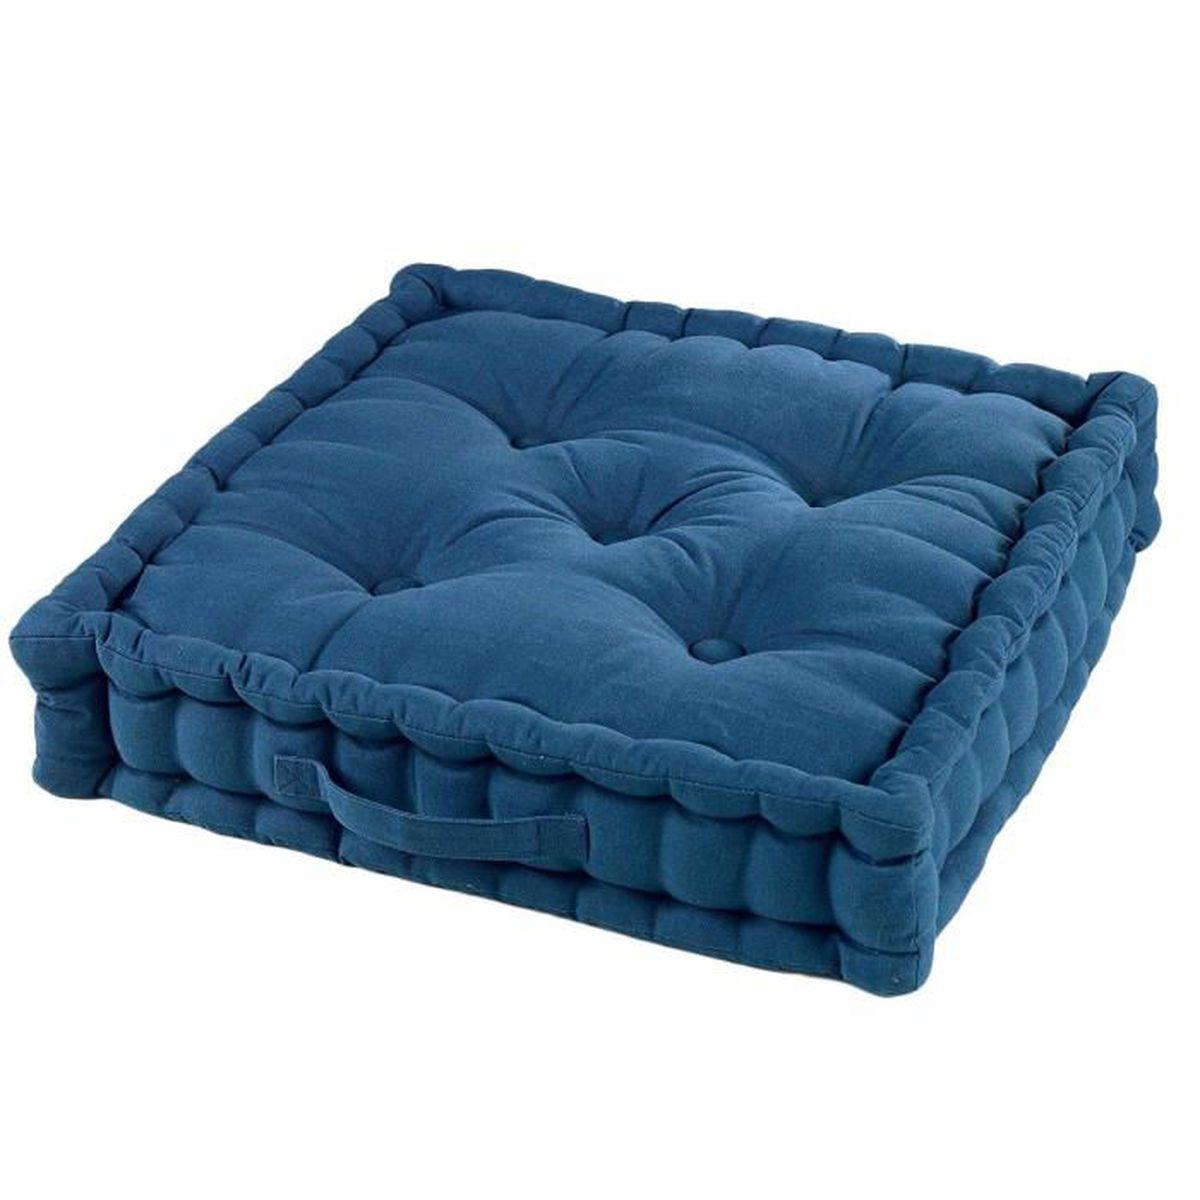 coussin de sol pas cher. Black Bedroom Furniture Sets. Home Design Ideas